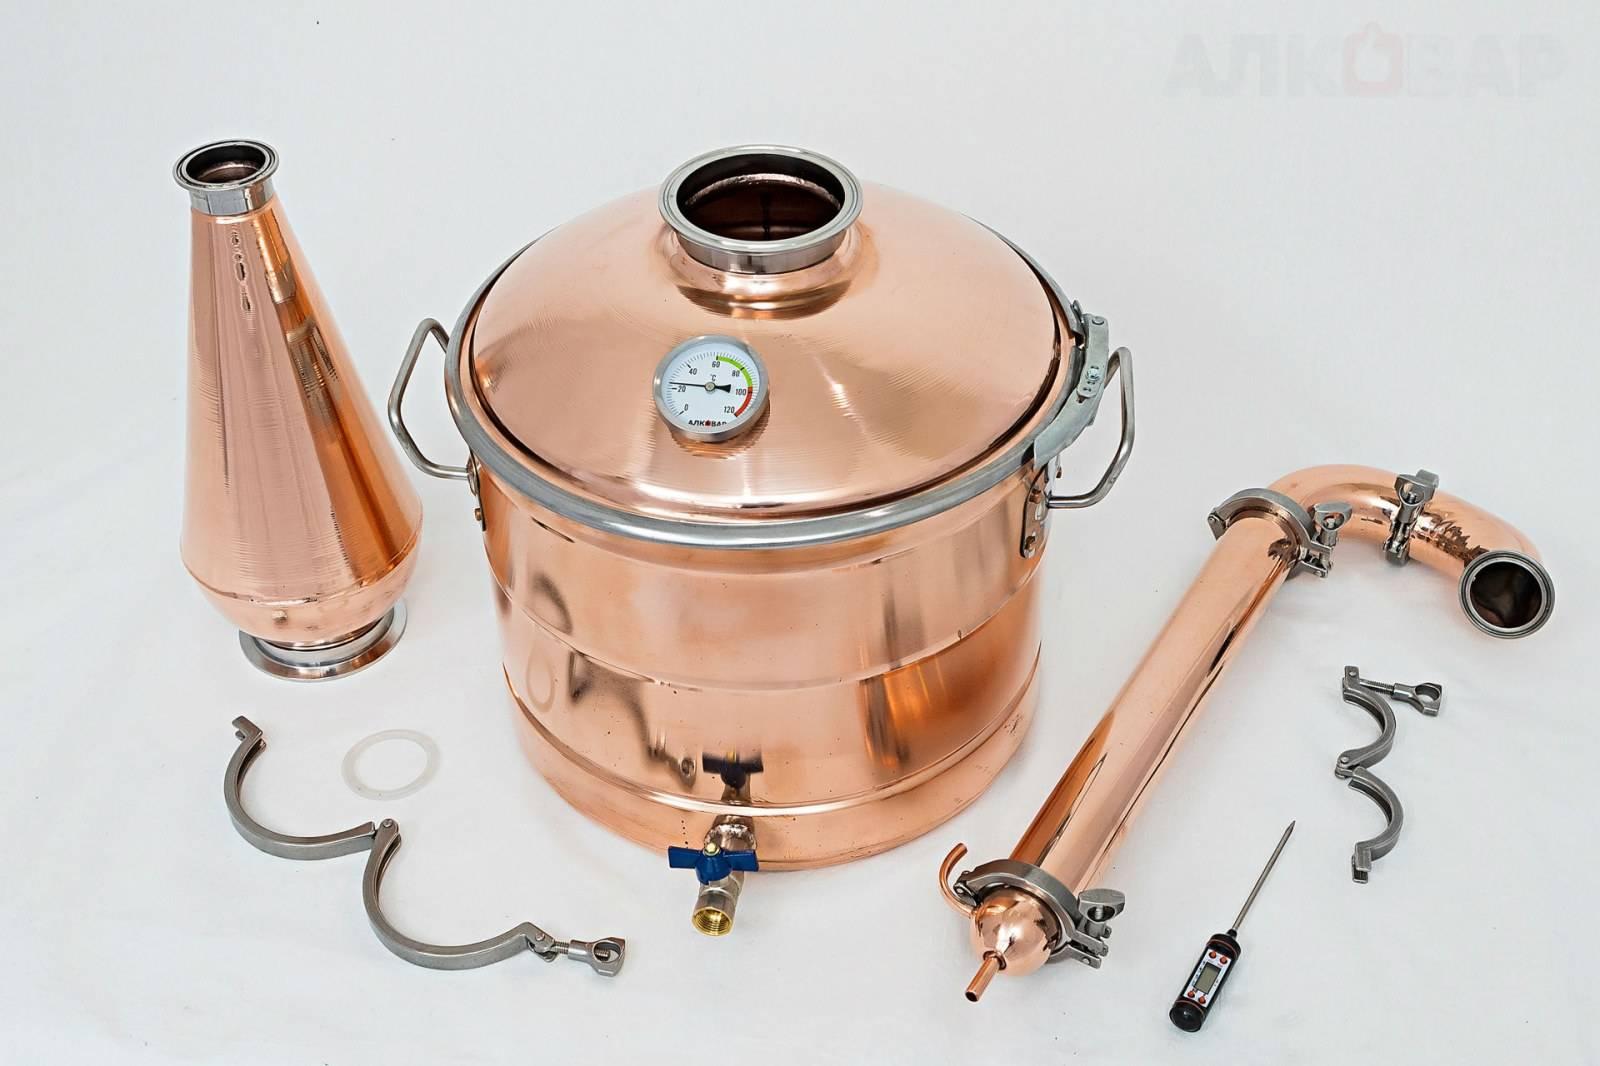 Медь или нержавейка: выбираем перегонный куб для самогонного аппарата